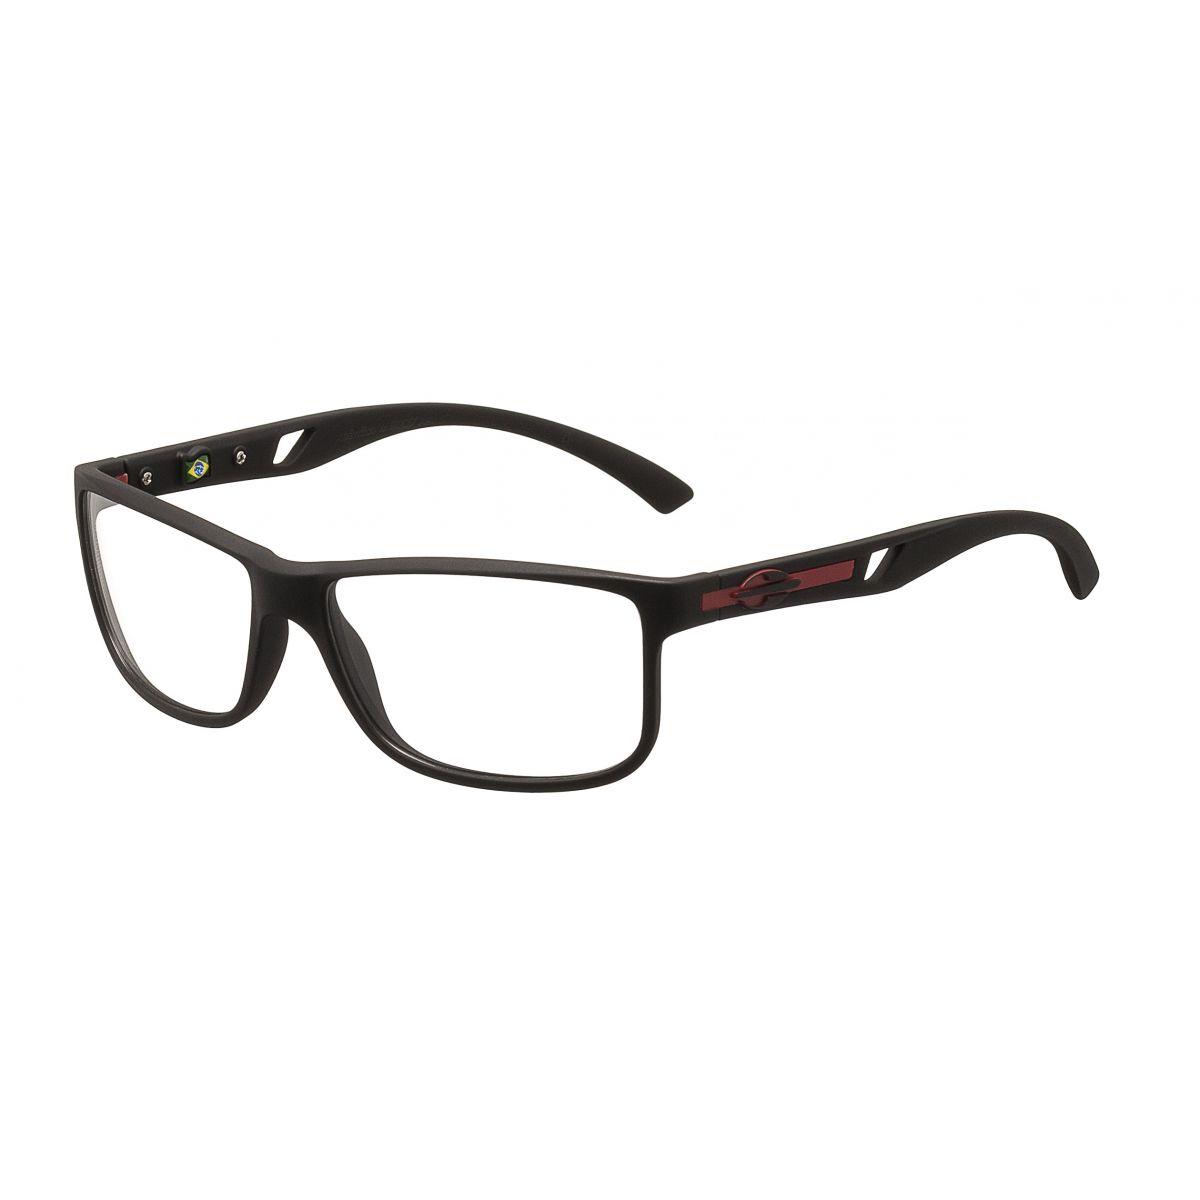 Óculos de Grau Mormaii Atlântico M6007A1457 Tam. 57MormaiiMormaii de ... 2e6c2a47fa